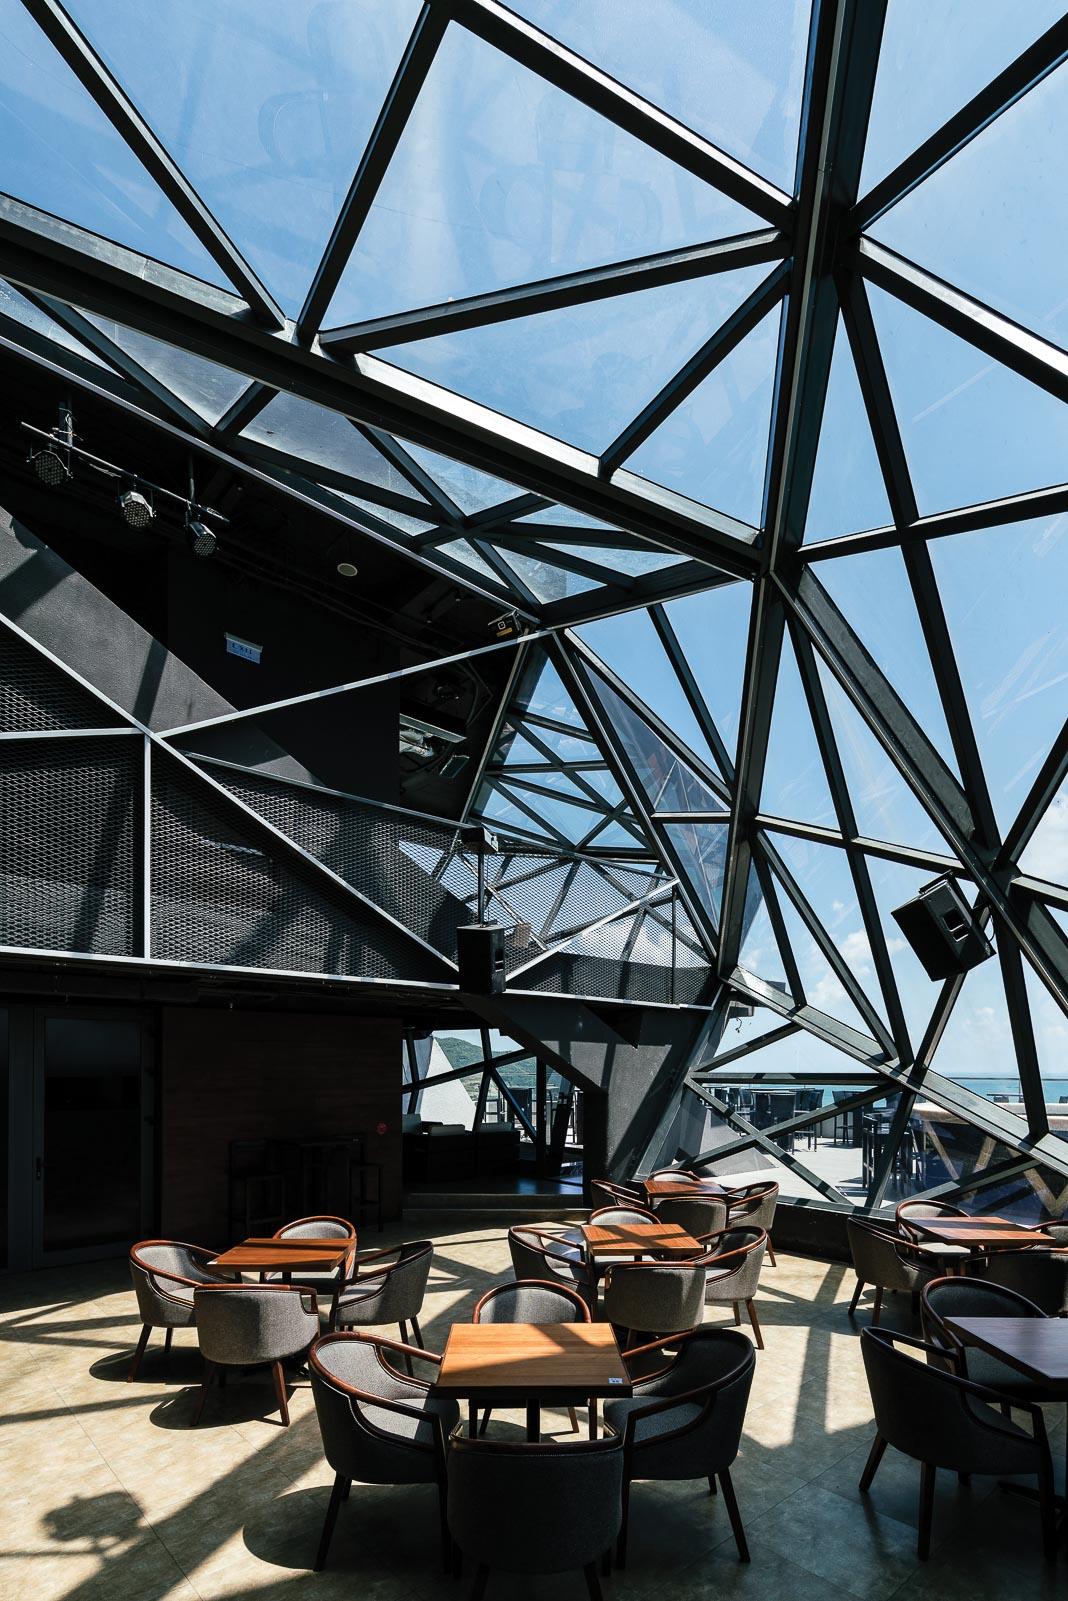 Khách sạn năm sao Boton BLueNha Trang- một dự án tiêu biểu của HML Architecture 10